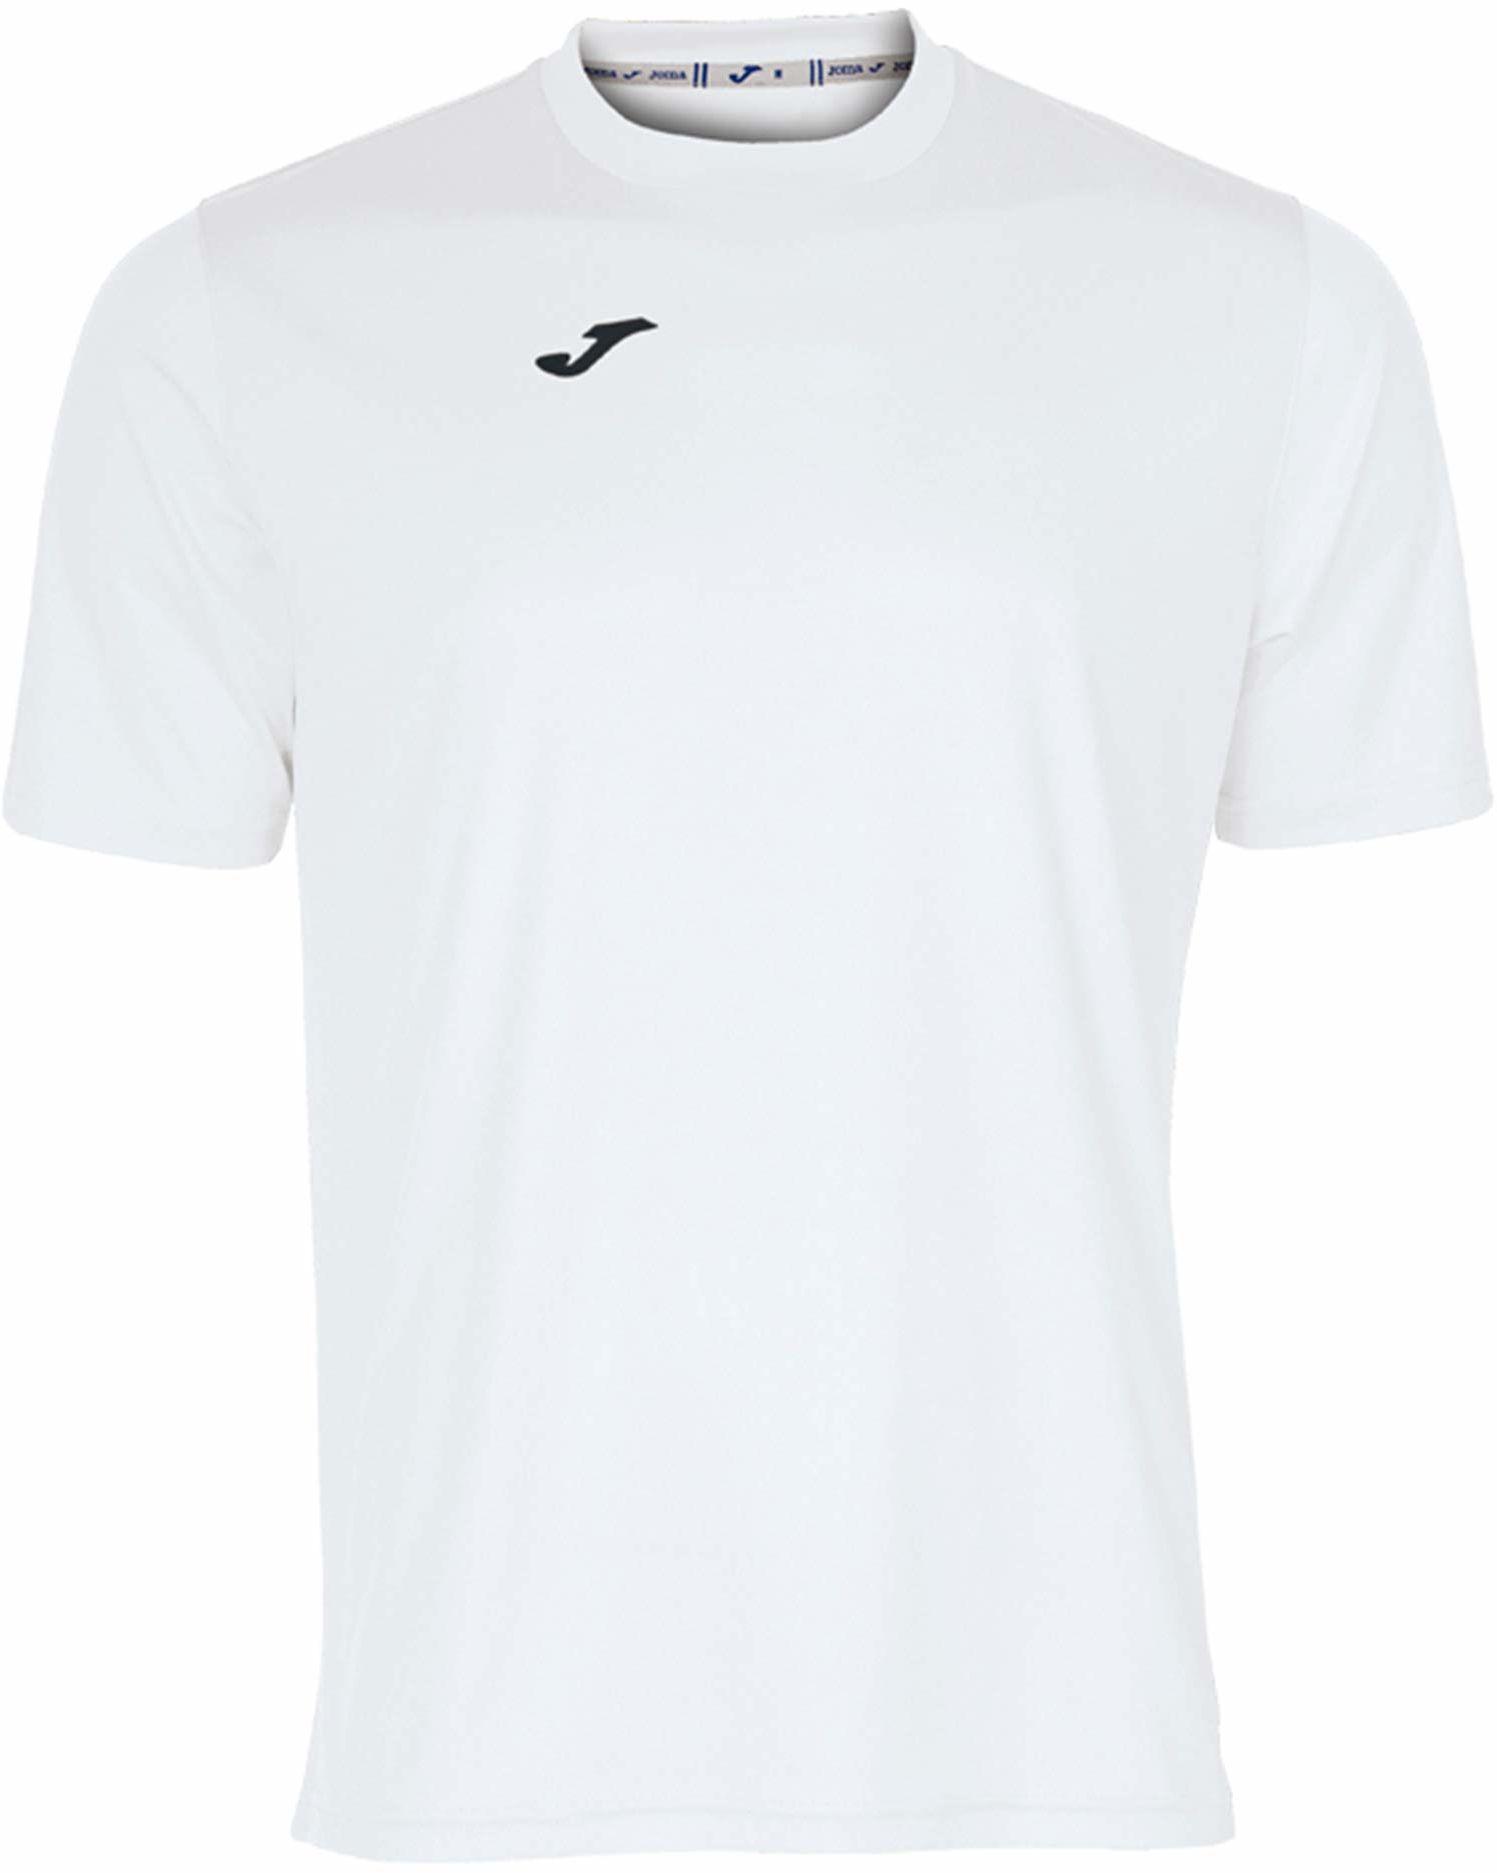 Joma męska koszulka 100052.200 Joma 100052.200 z krótkim rękawem - biały/biały, 2X-mały Biały/biały S